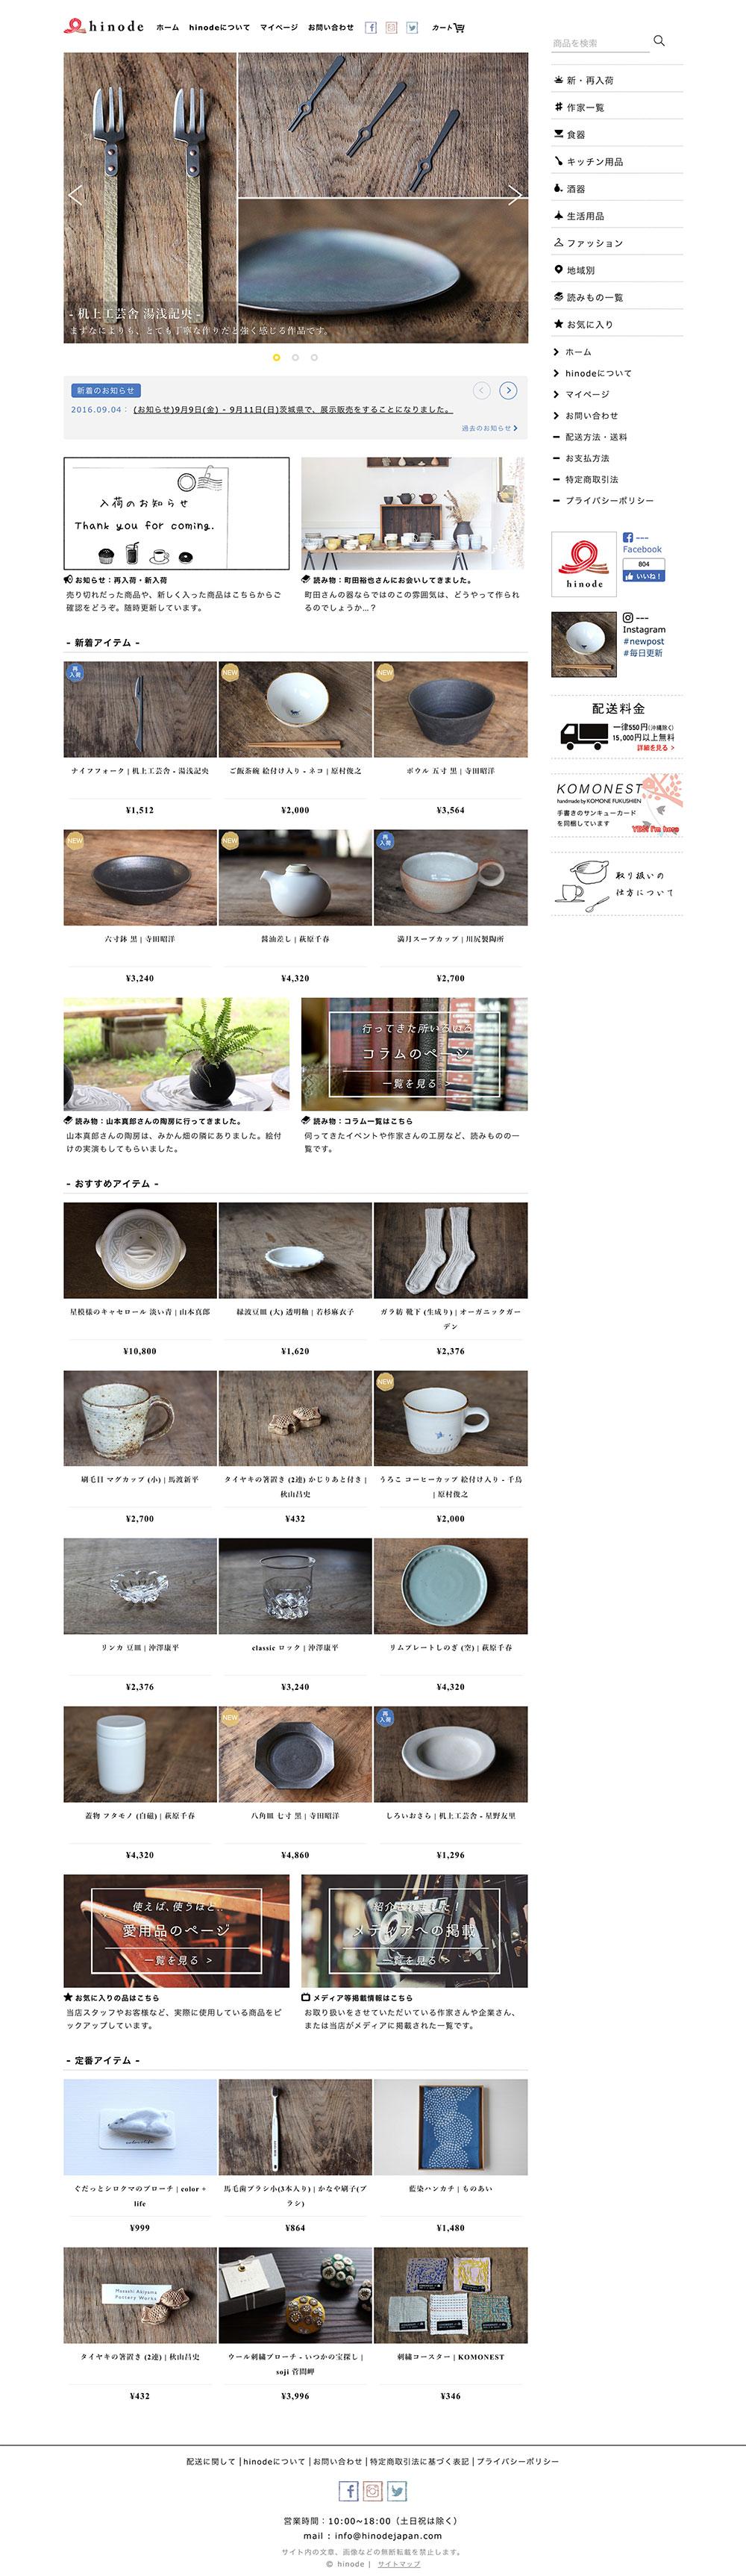 hinode 和食器や生活雑貨を扱う工芸品の通販サイト